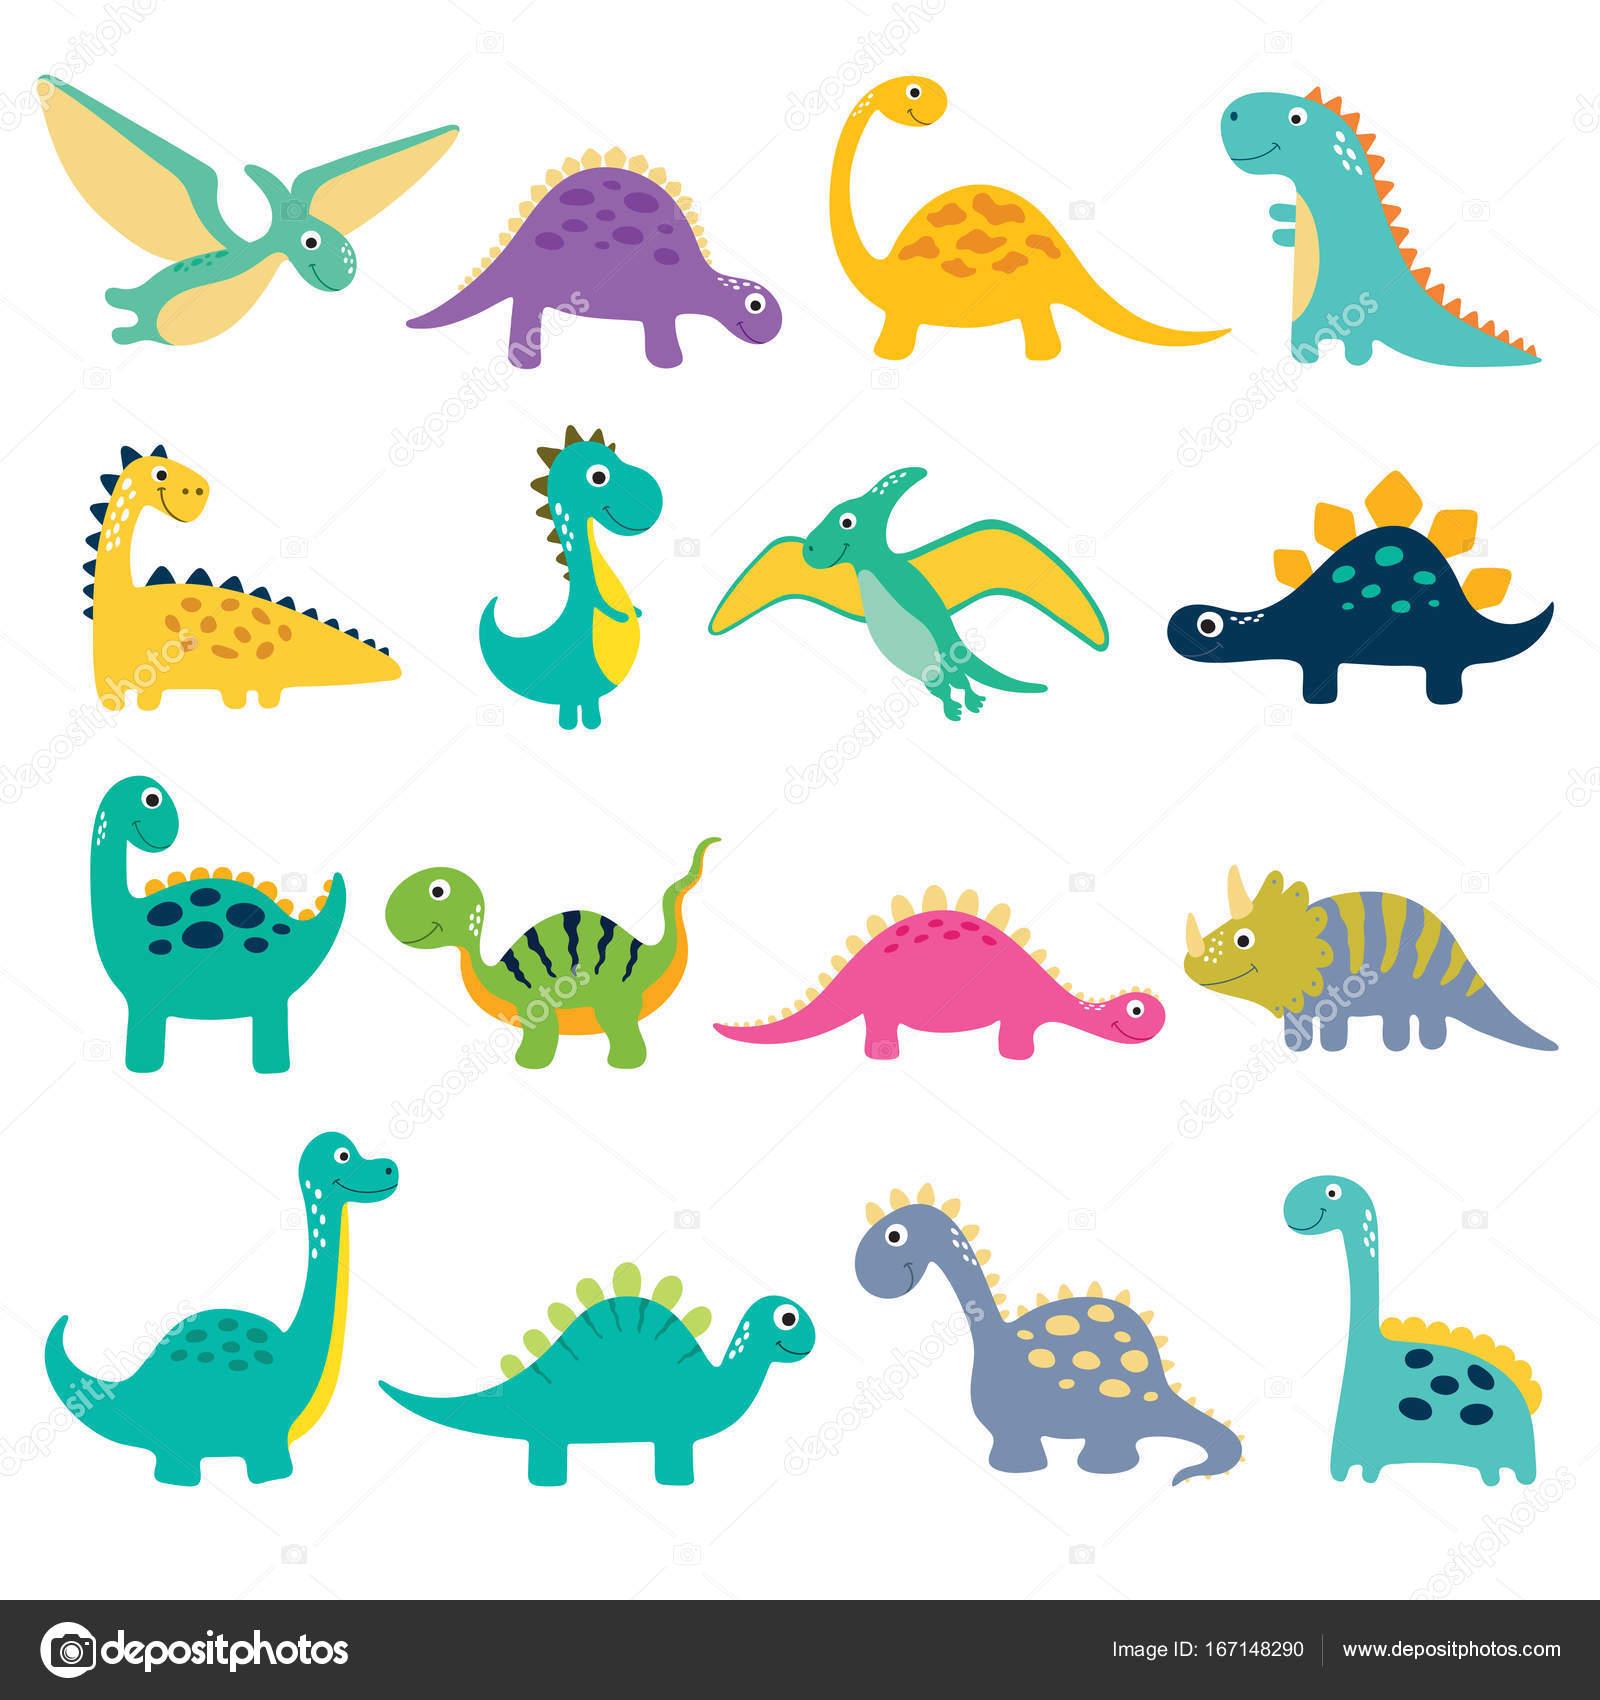 かわいい恐竜のイラスト ストックベクター Arnica83 167148290